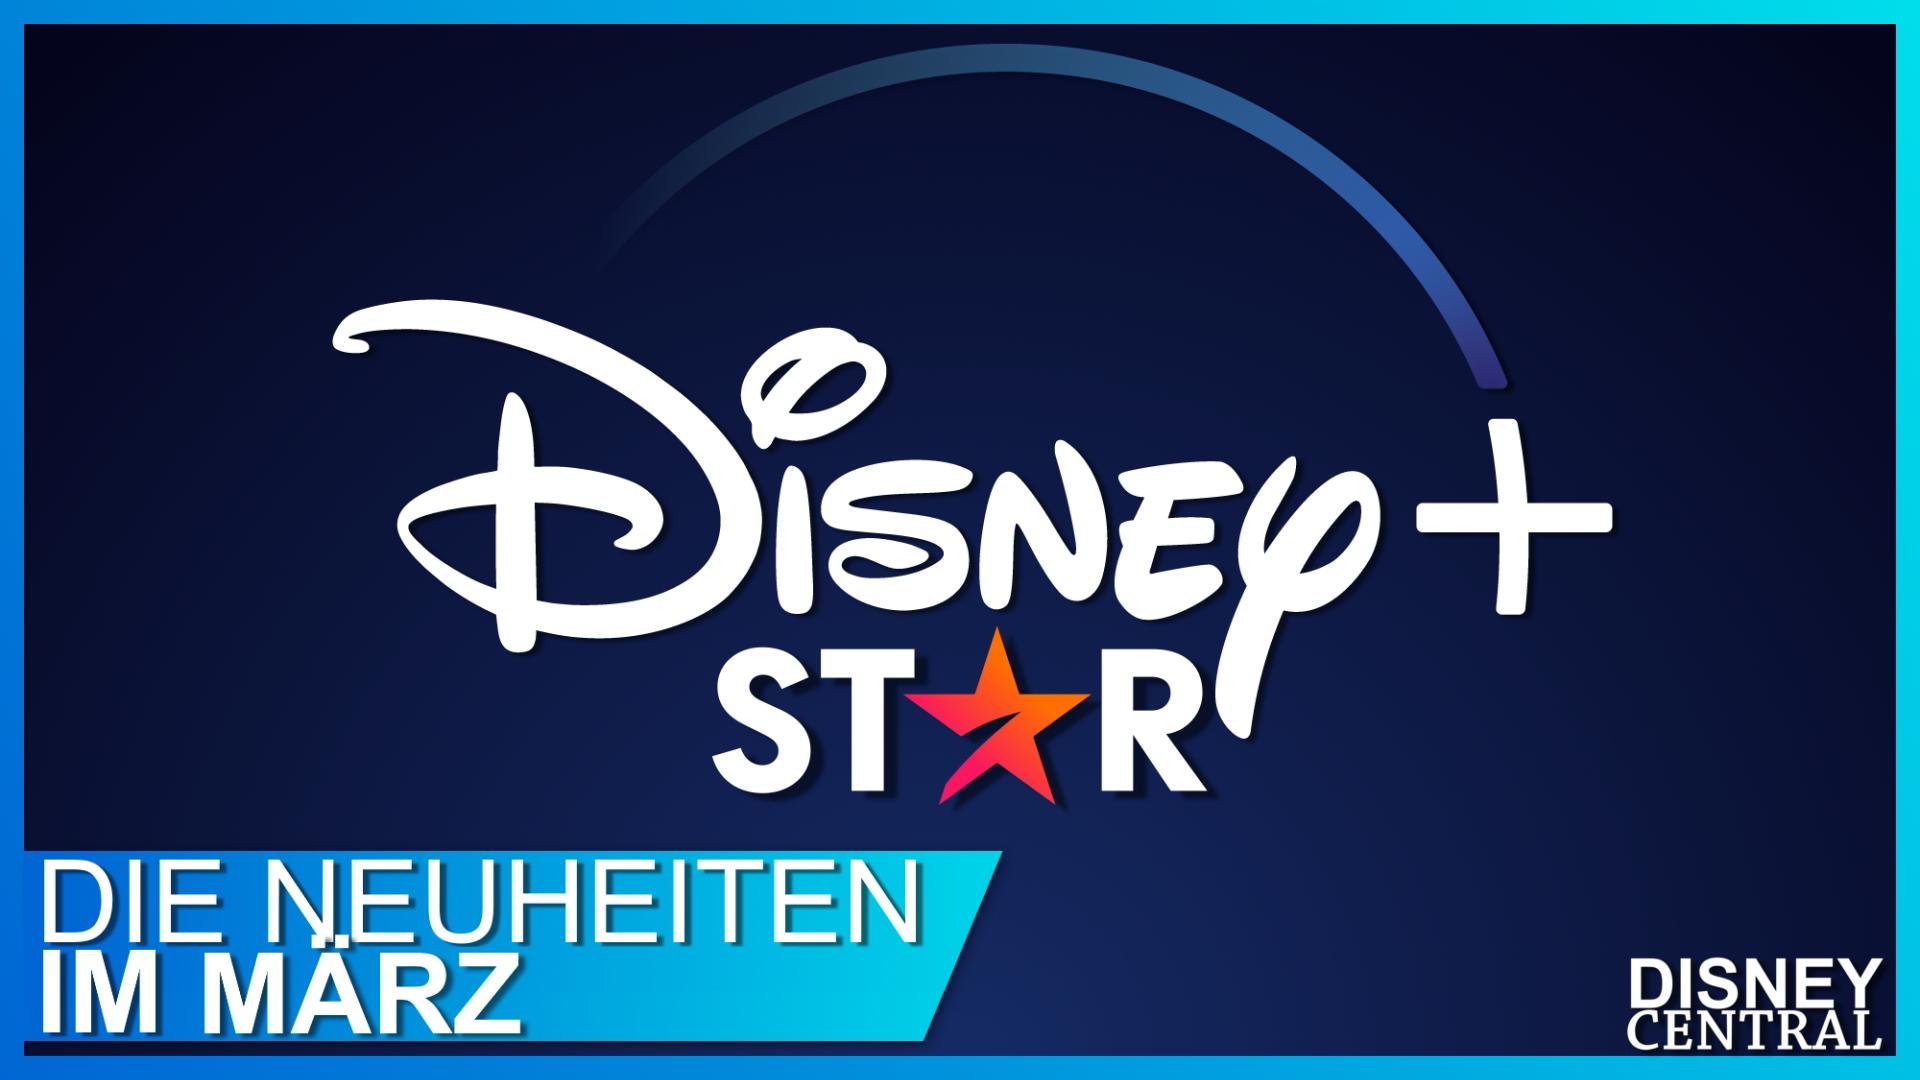 Disney+ und Star Neuheiten März